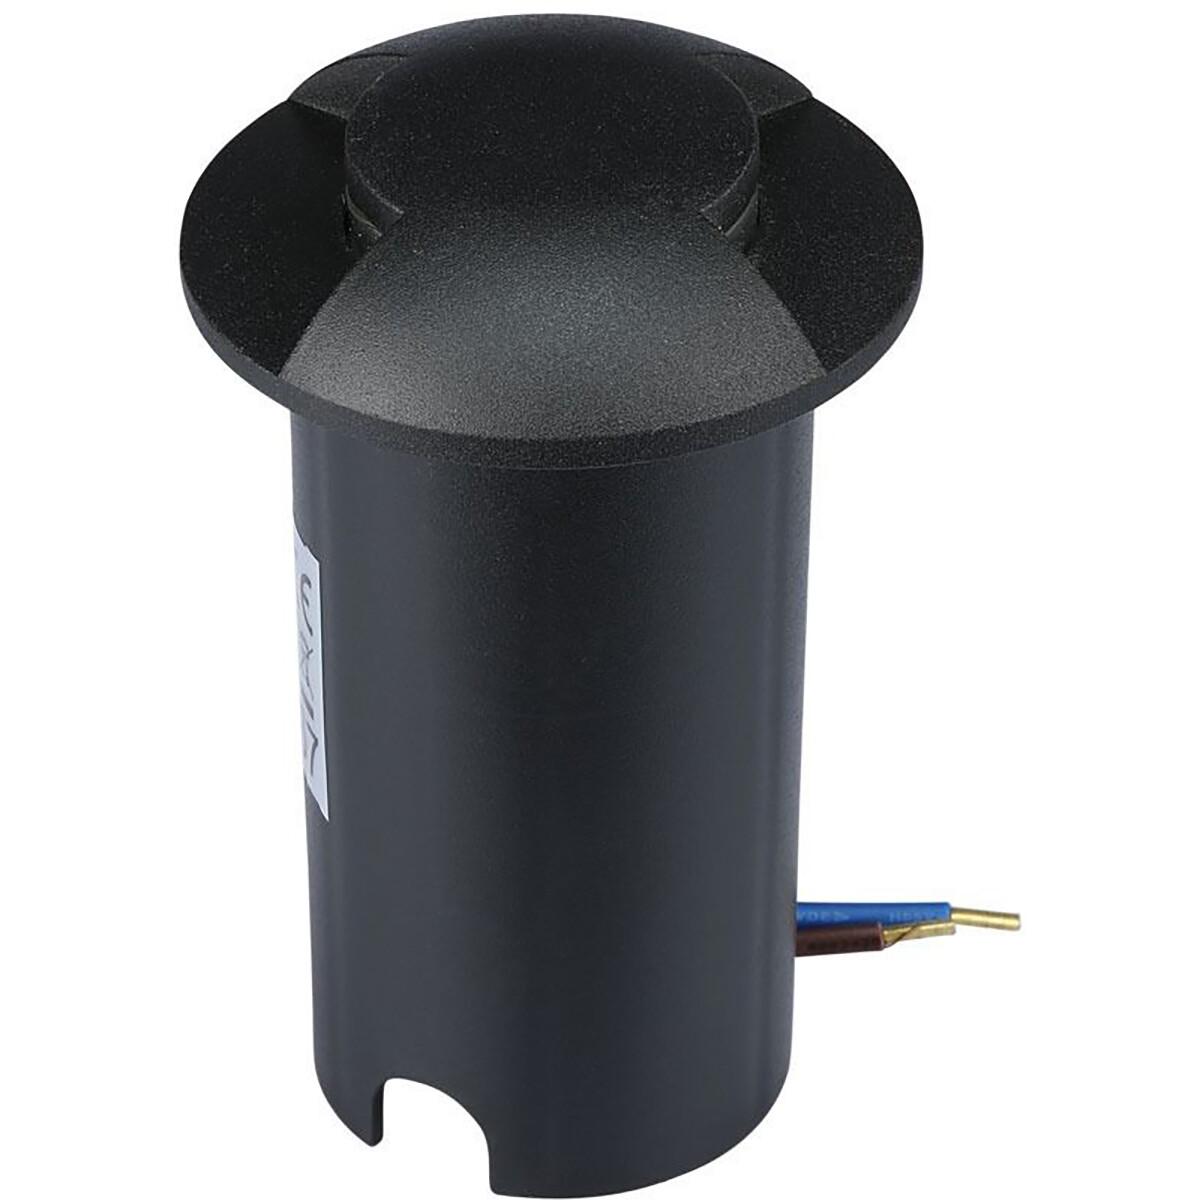 LED Grondspot - Viron Zerda - 1W - 12V - Inbouw - Rond - Warm Wit 3000K - Waterdicht IP67 - Mat Zwar